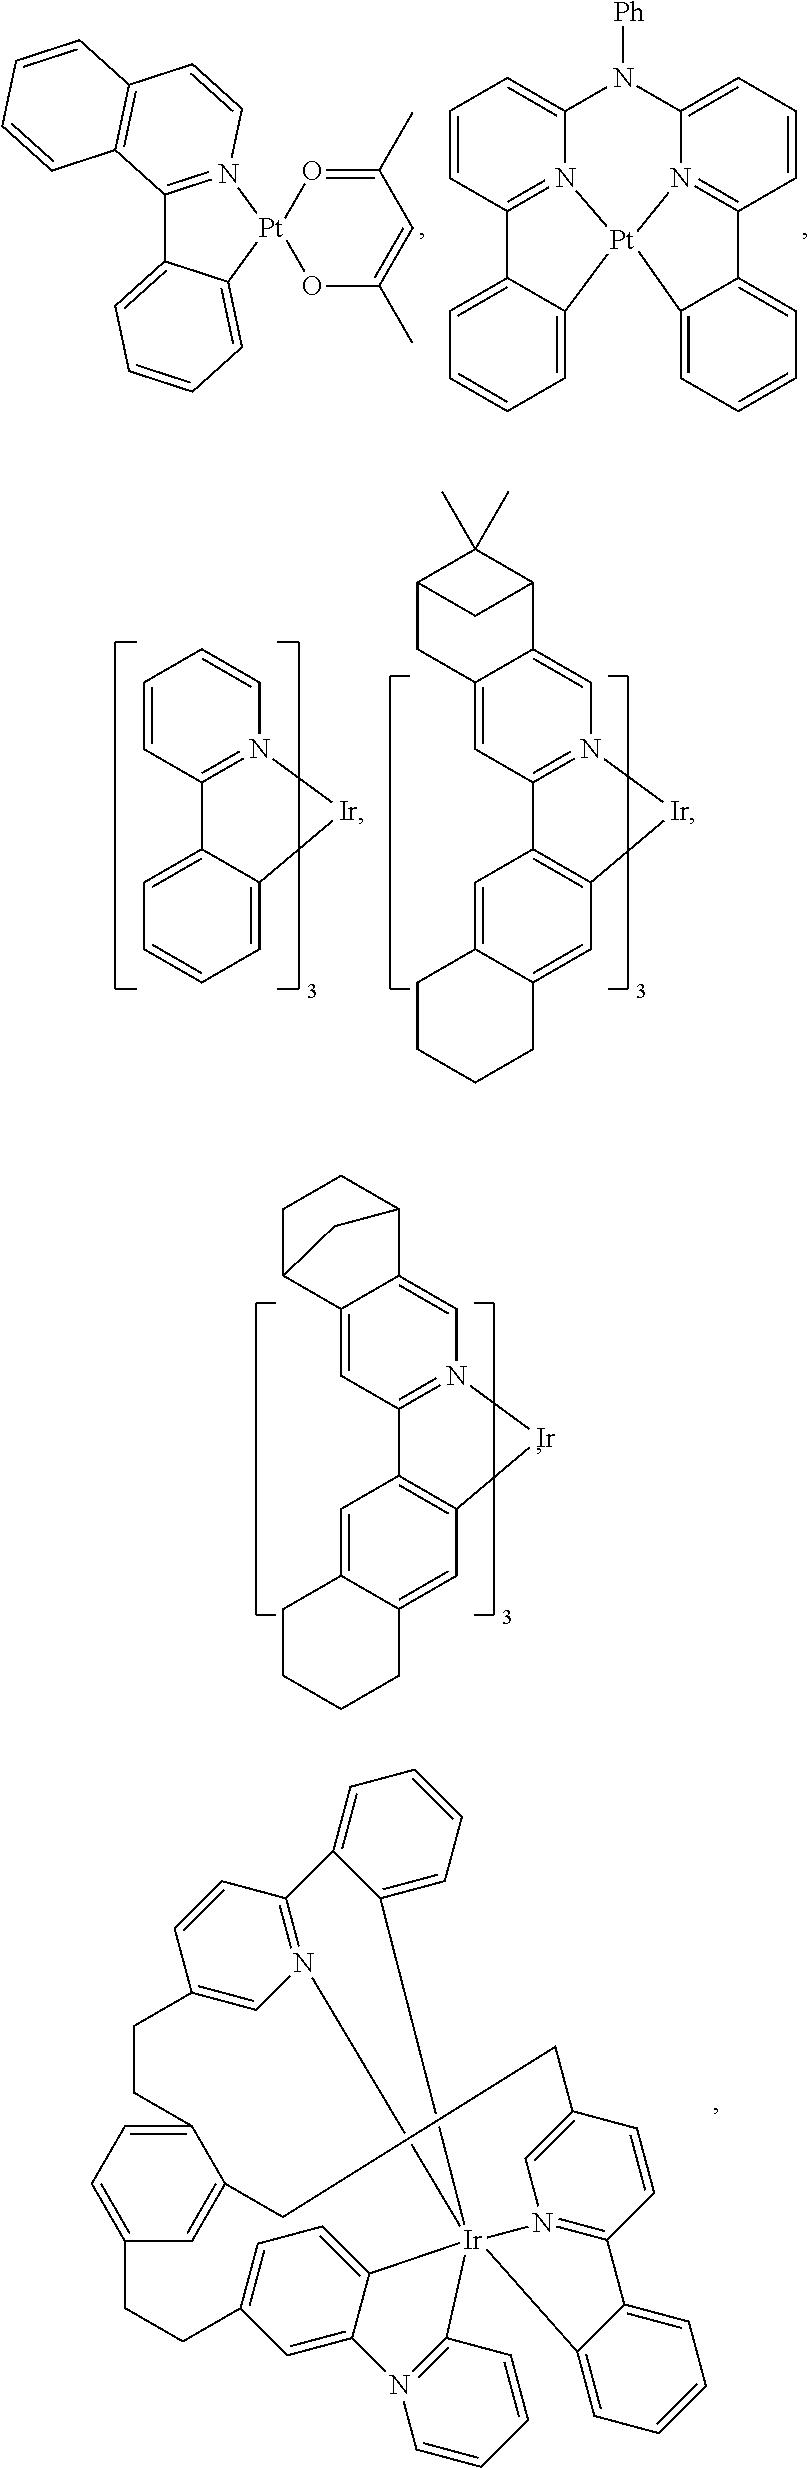 Figure US09978956-20180522-C00074